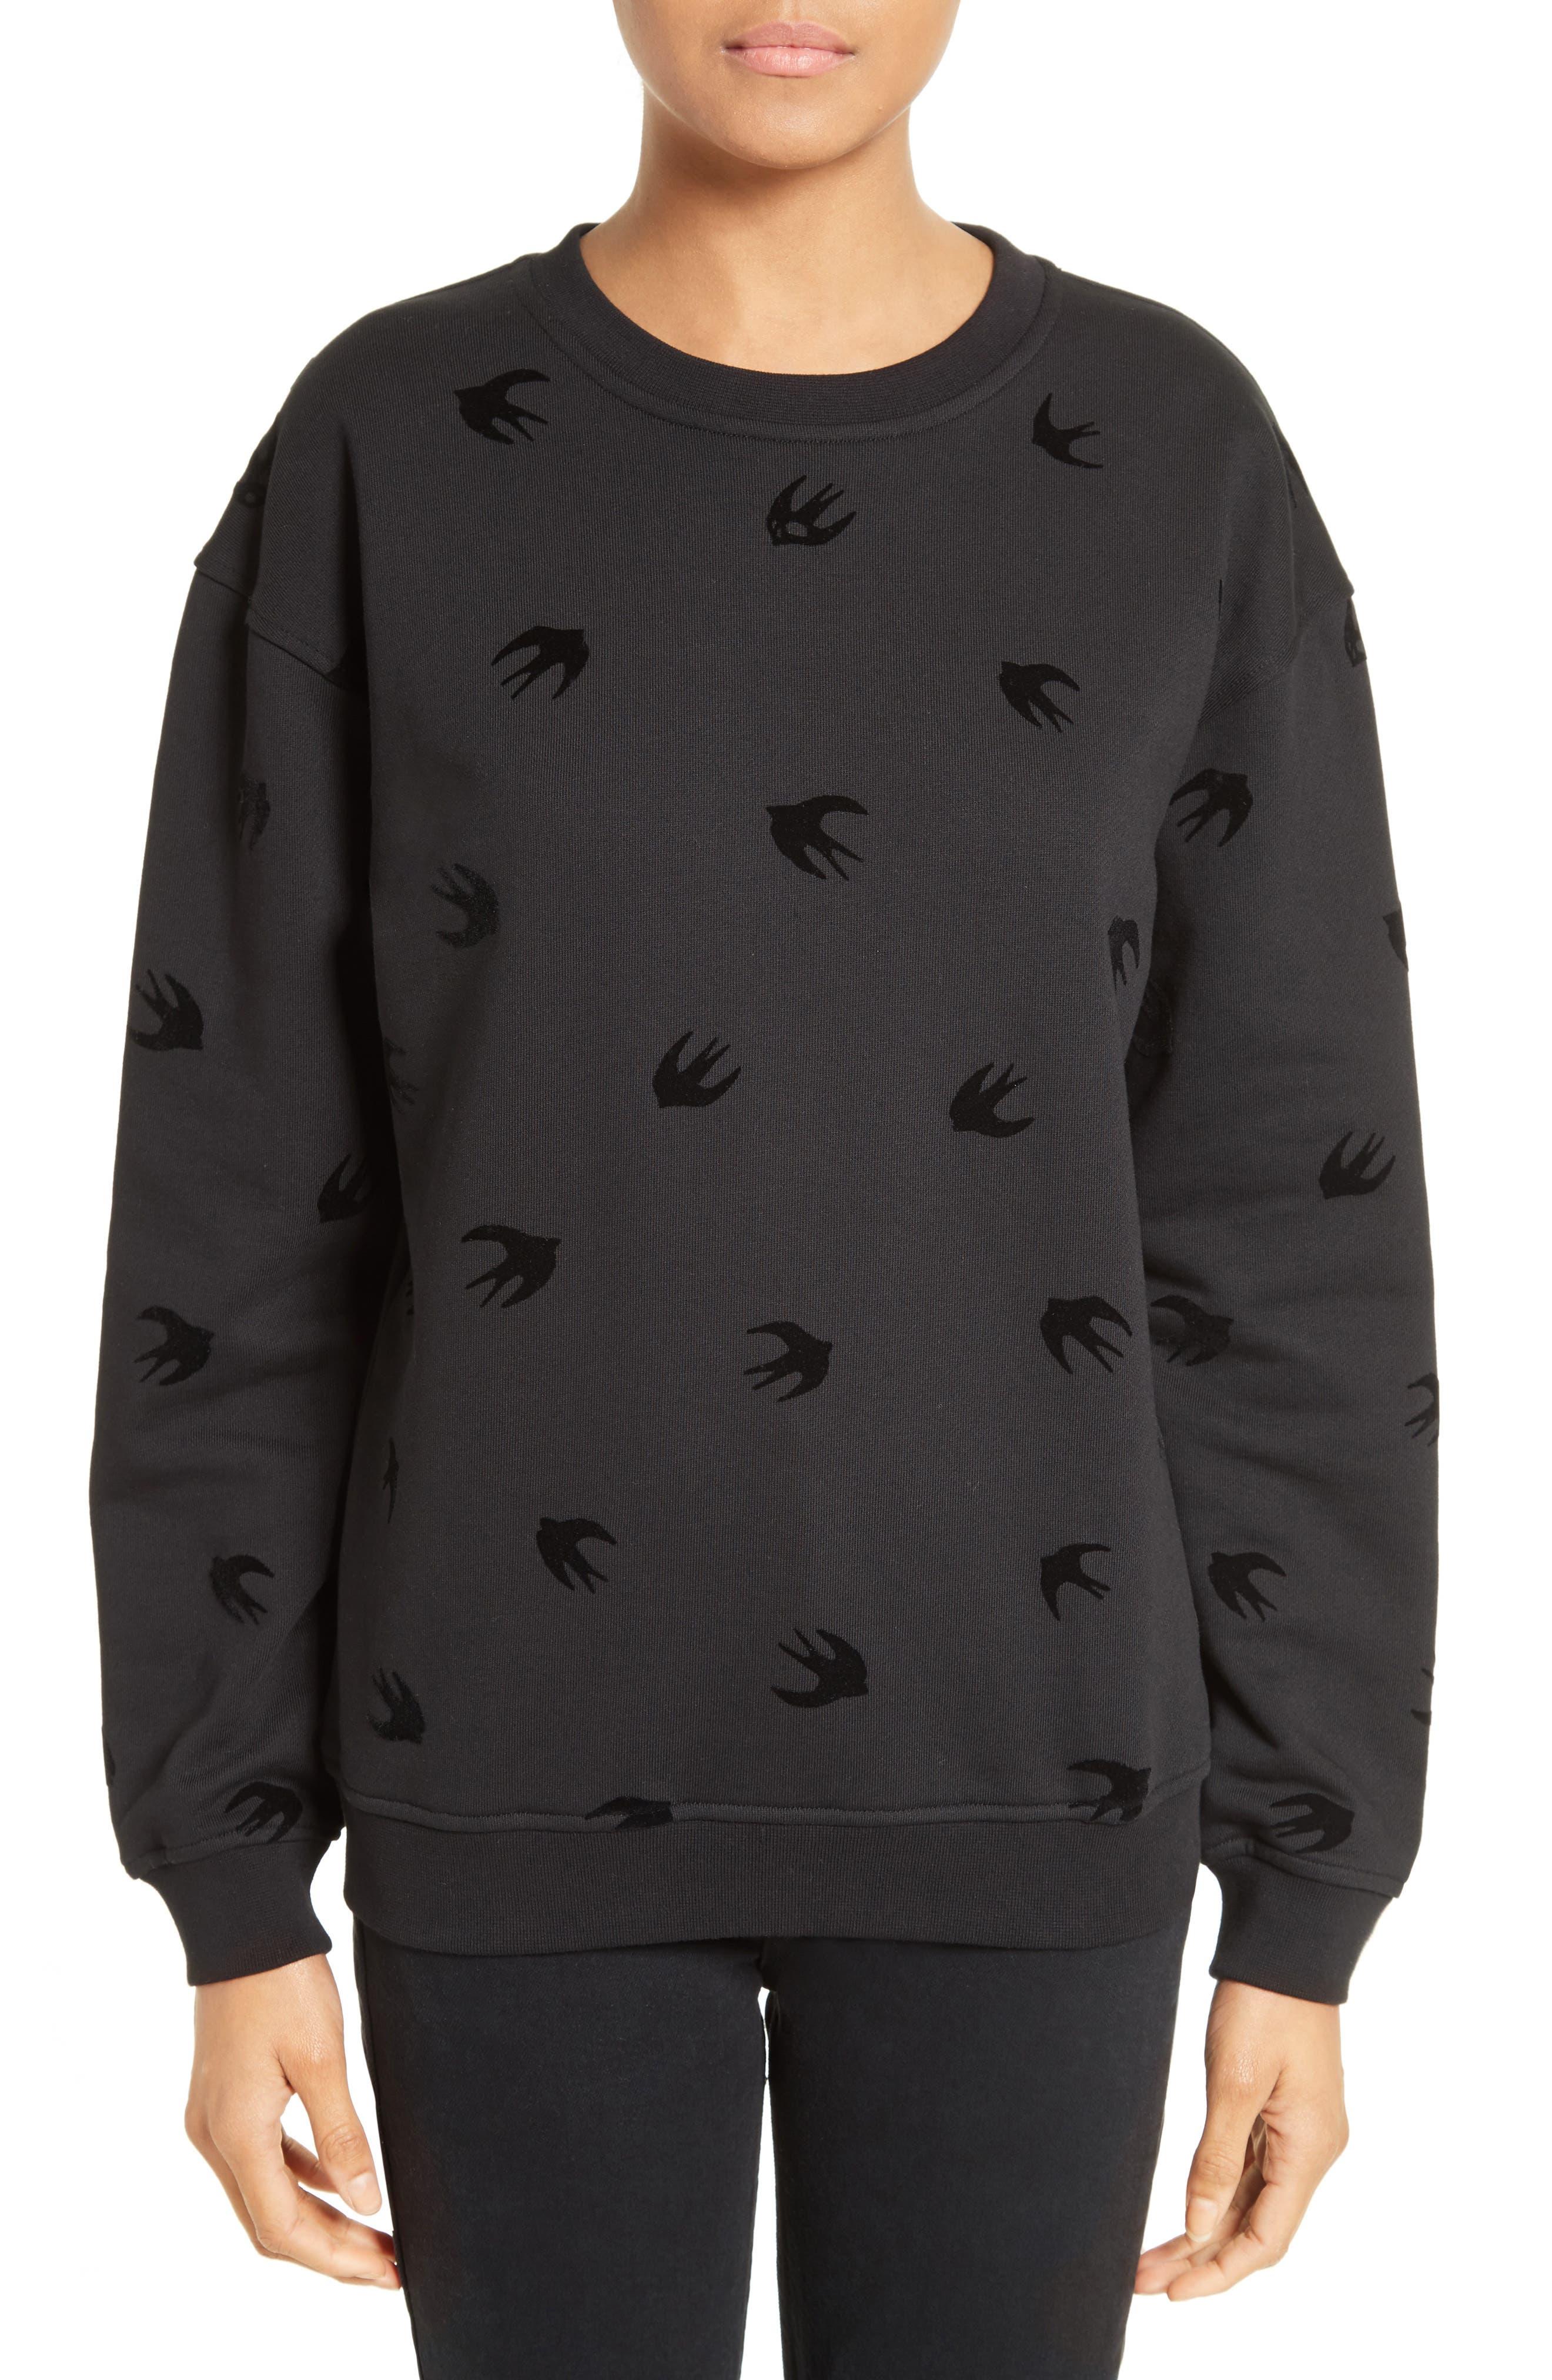 McQ Alexander McQueen Swallow Classic Sweatshirt